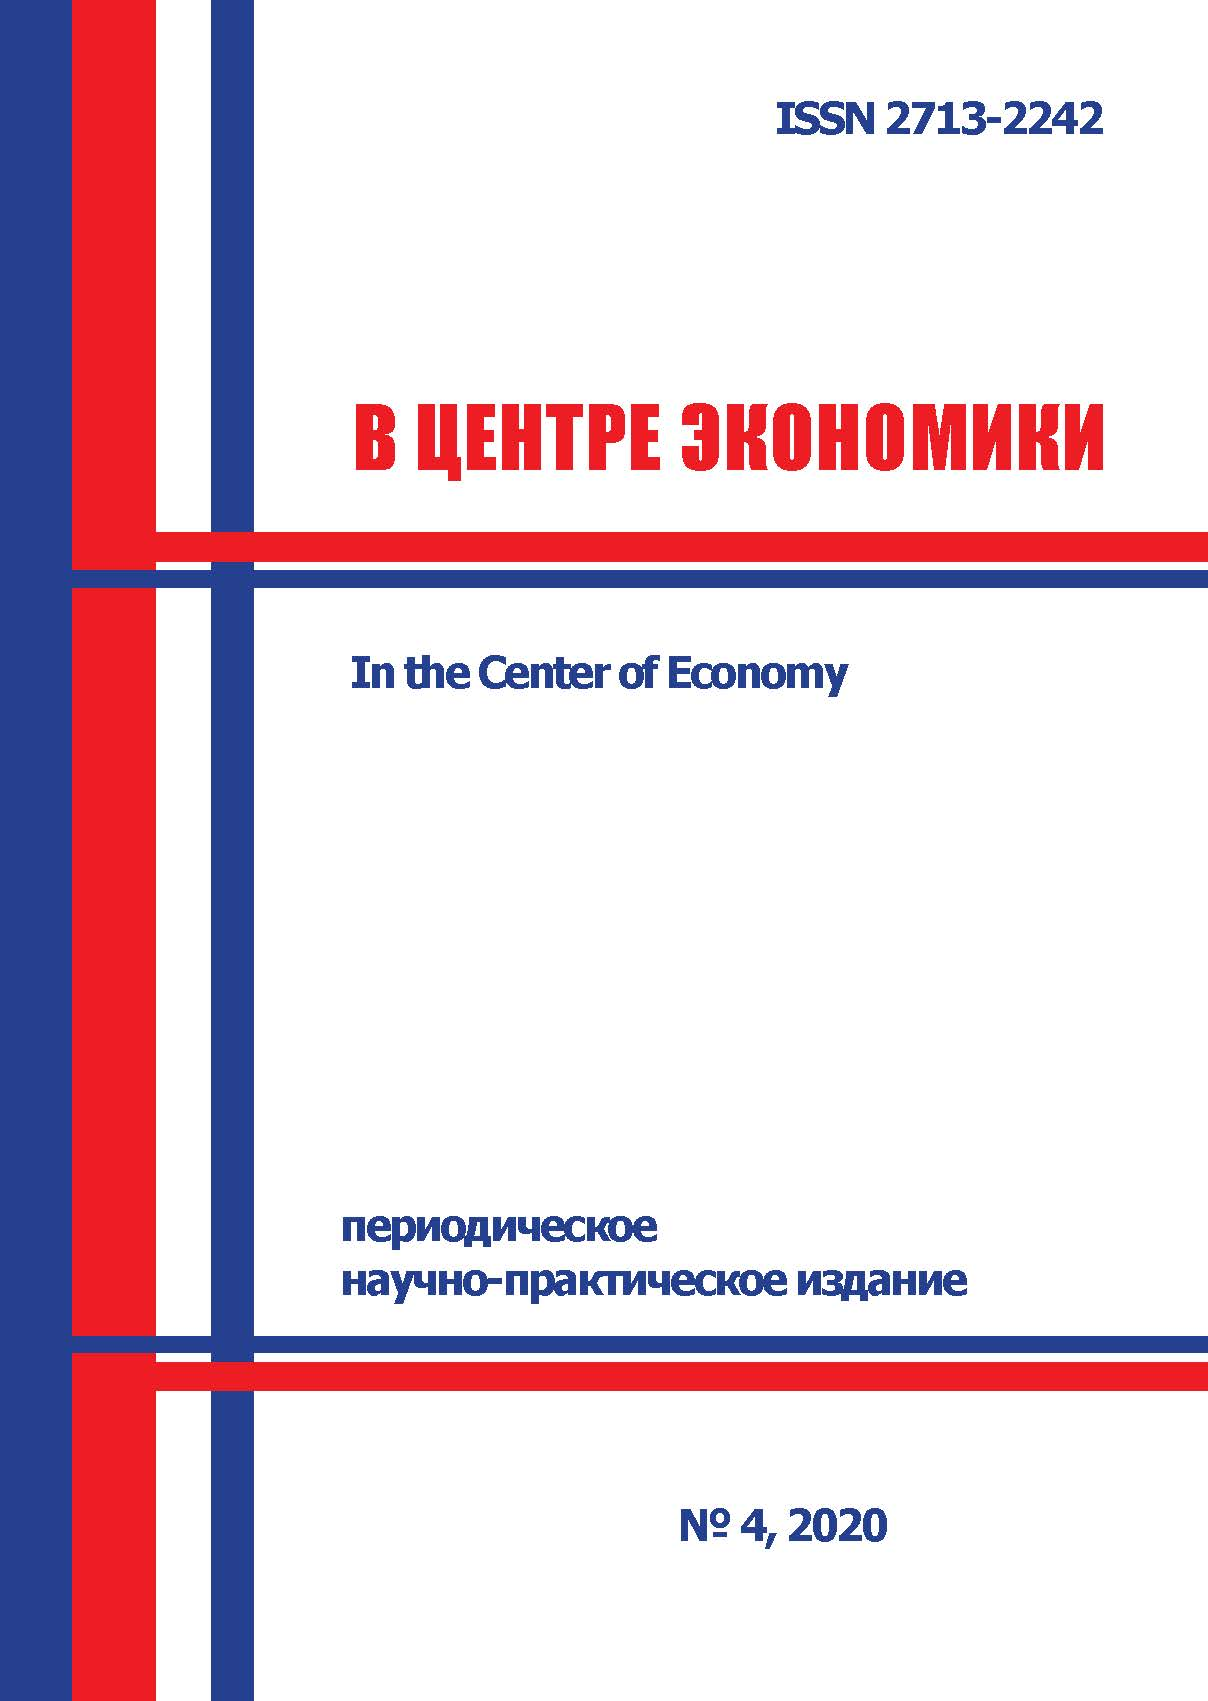 """Обложка журнала """"В центре экономики"""" №4, 2020"""